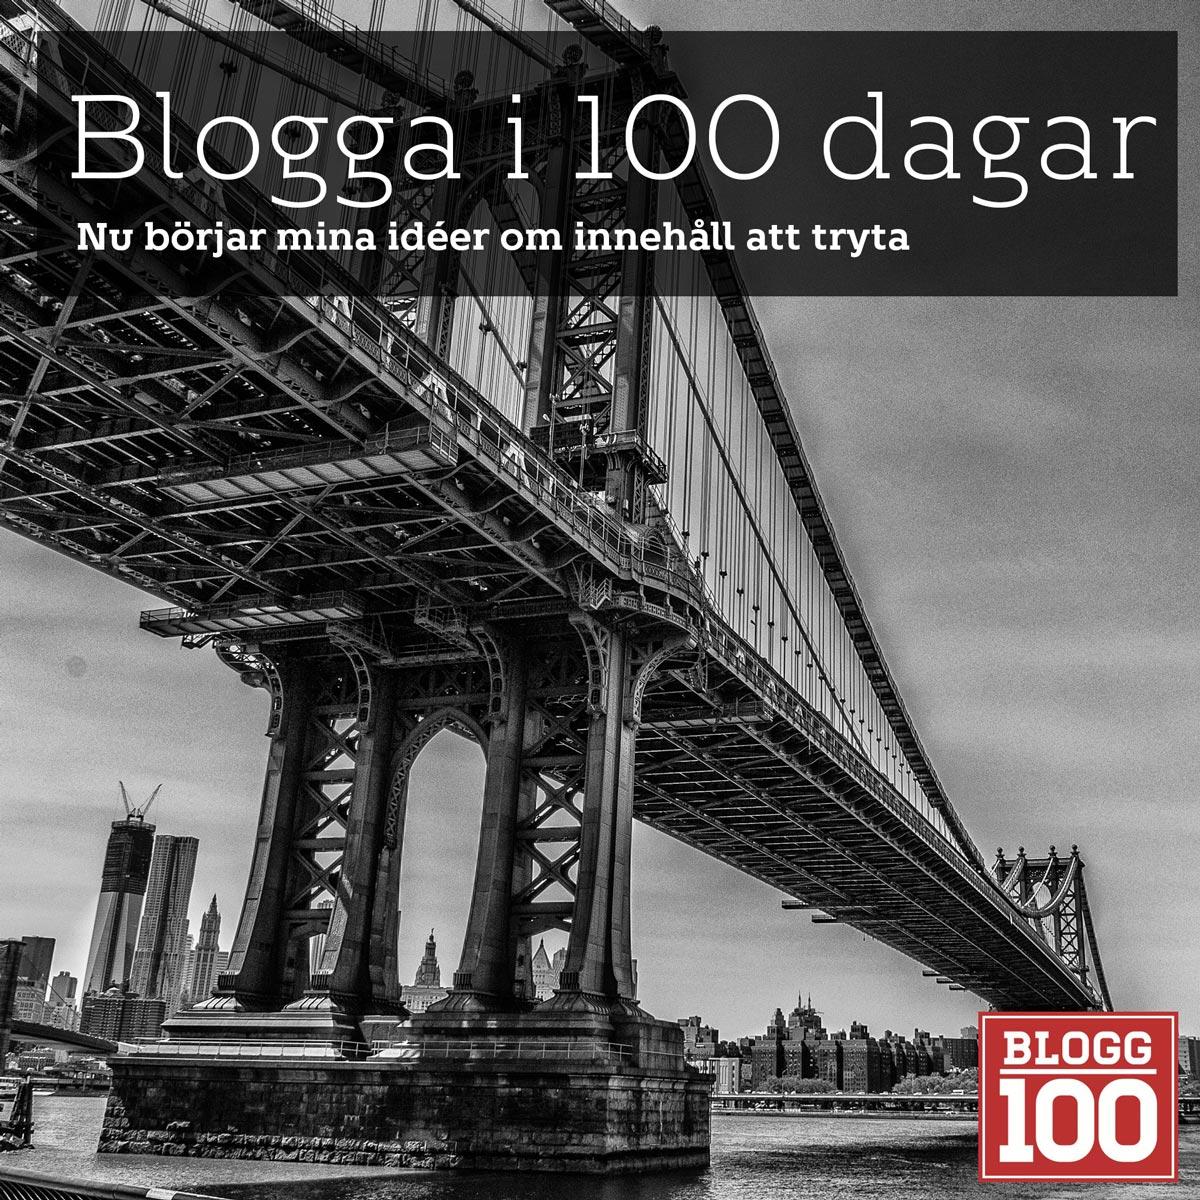 Blogga i 100 dagar är jag tokig? #blogg100 #fb